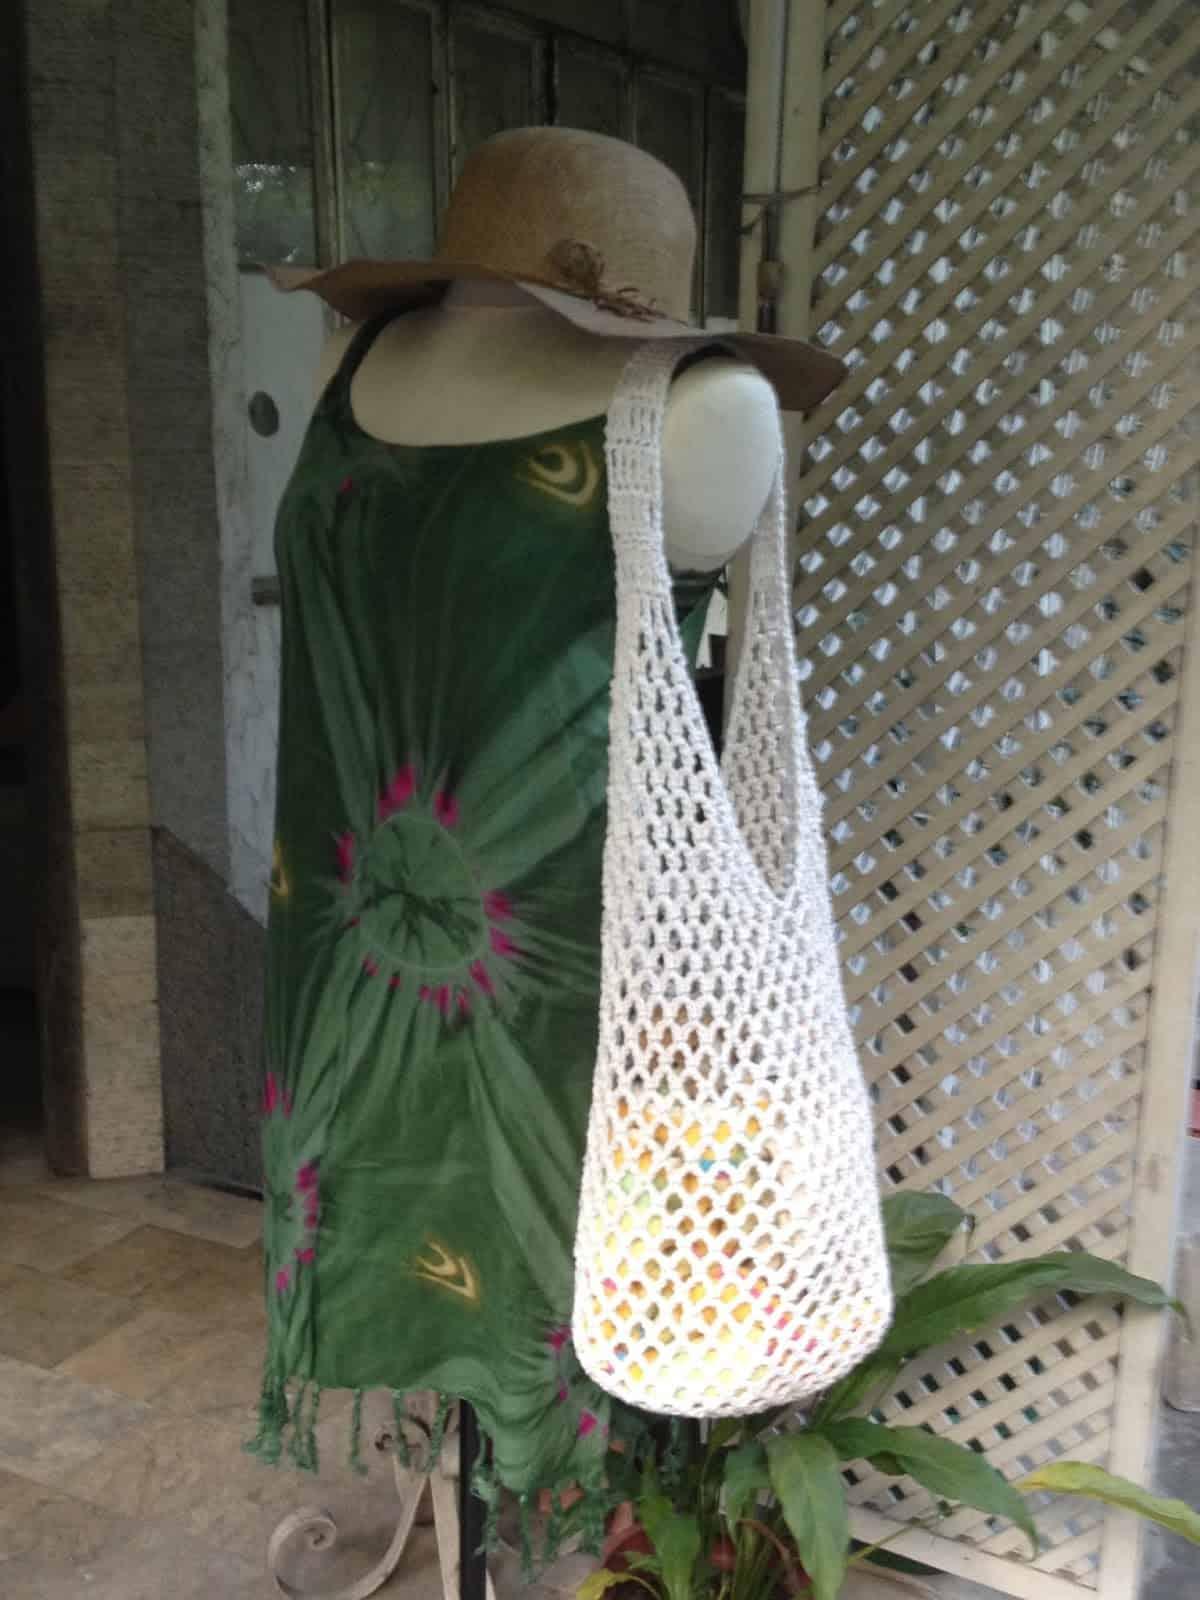 Crocheted mesh bag